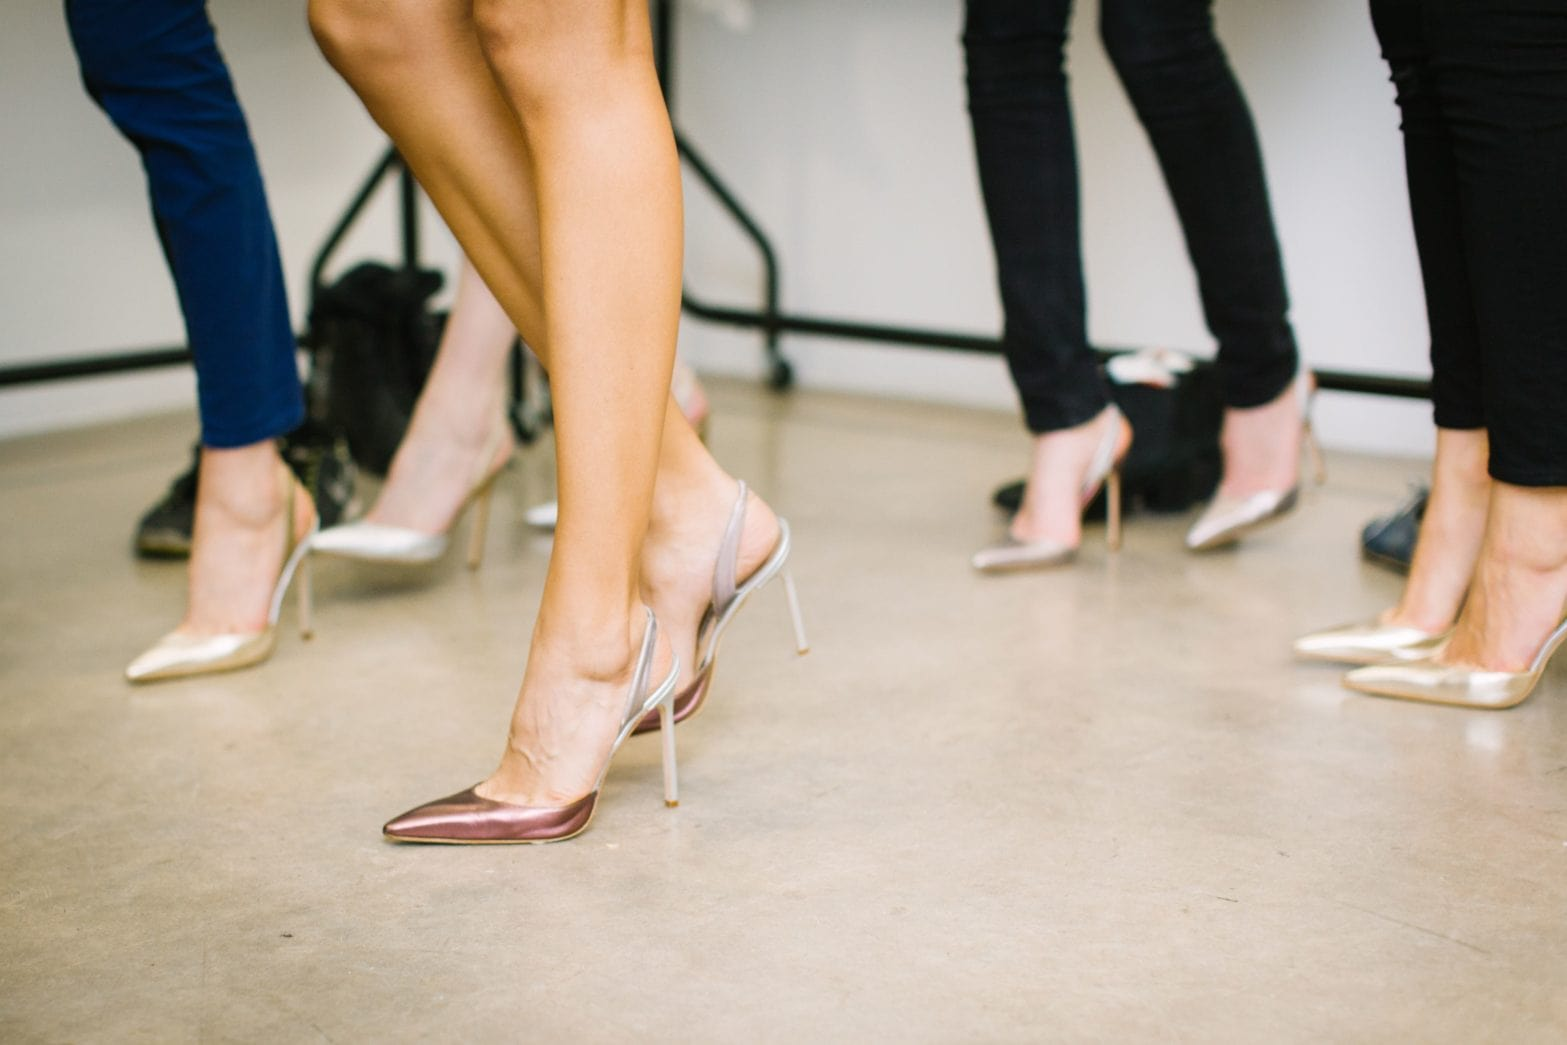 pas cher pour réduction 1ae96 e21ad Tout savoir sur les femmes et leurs chaussures, vraiment tout!